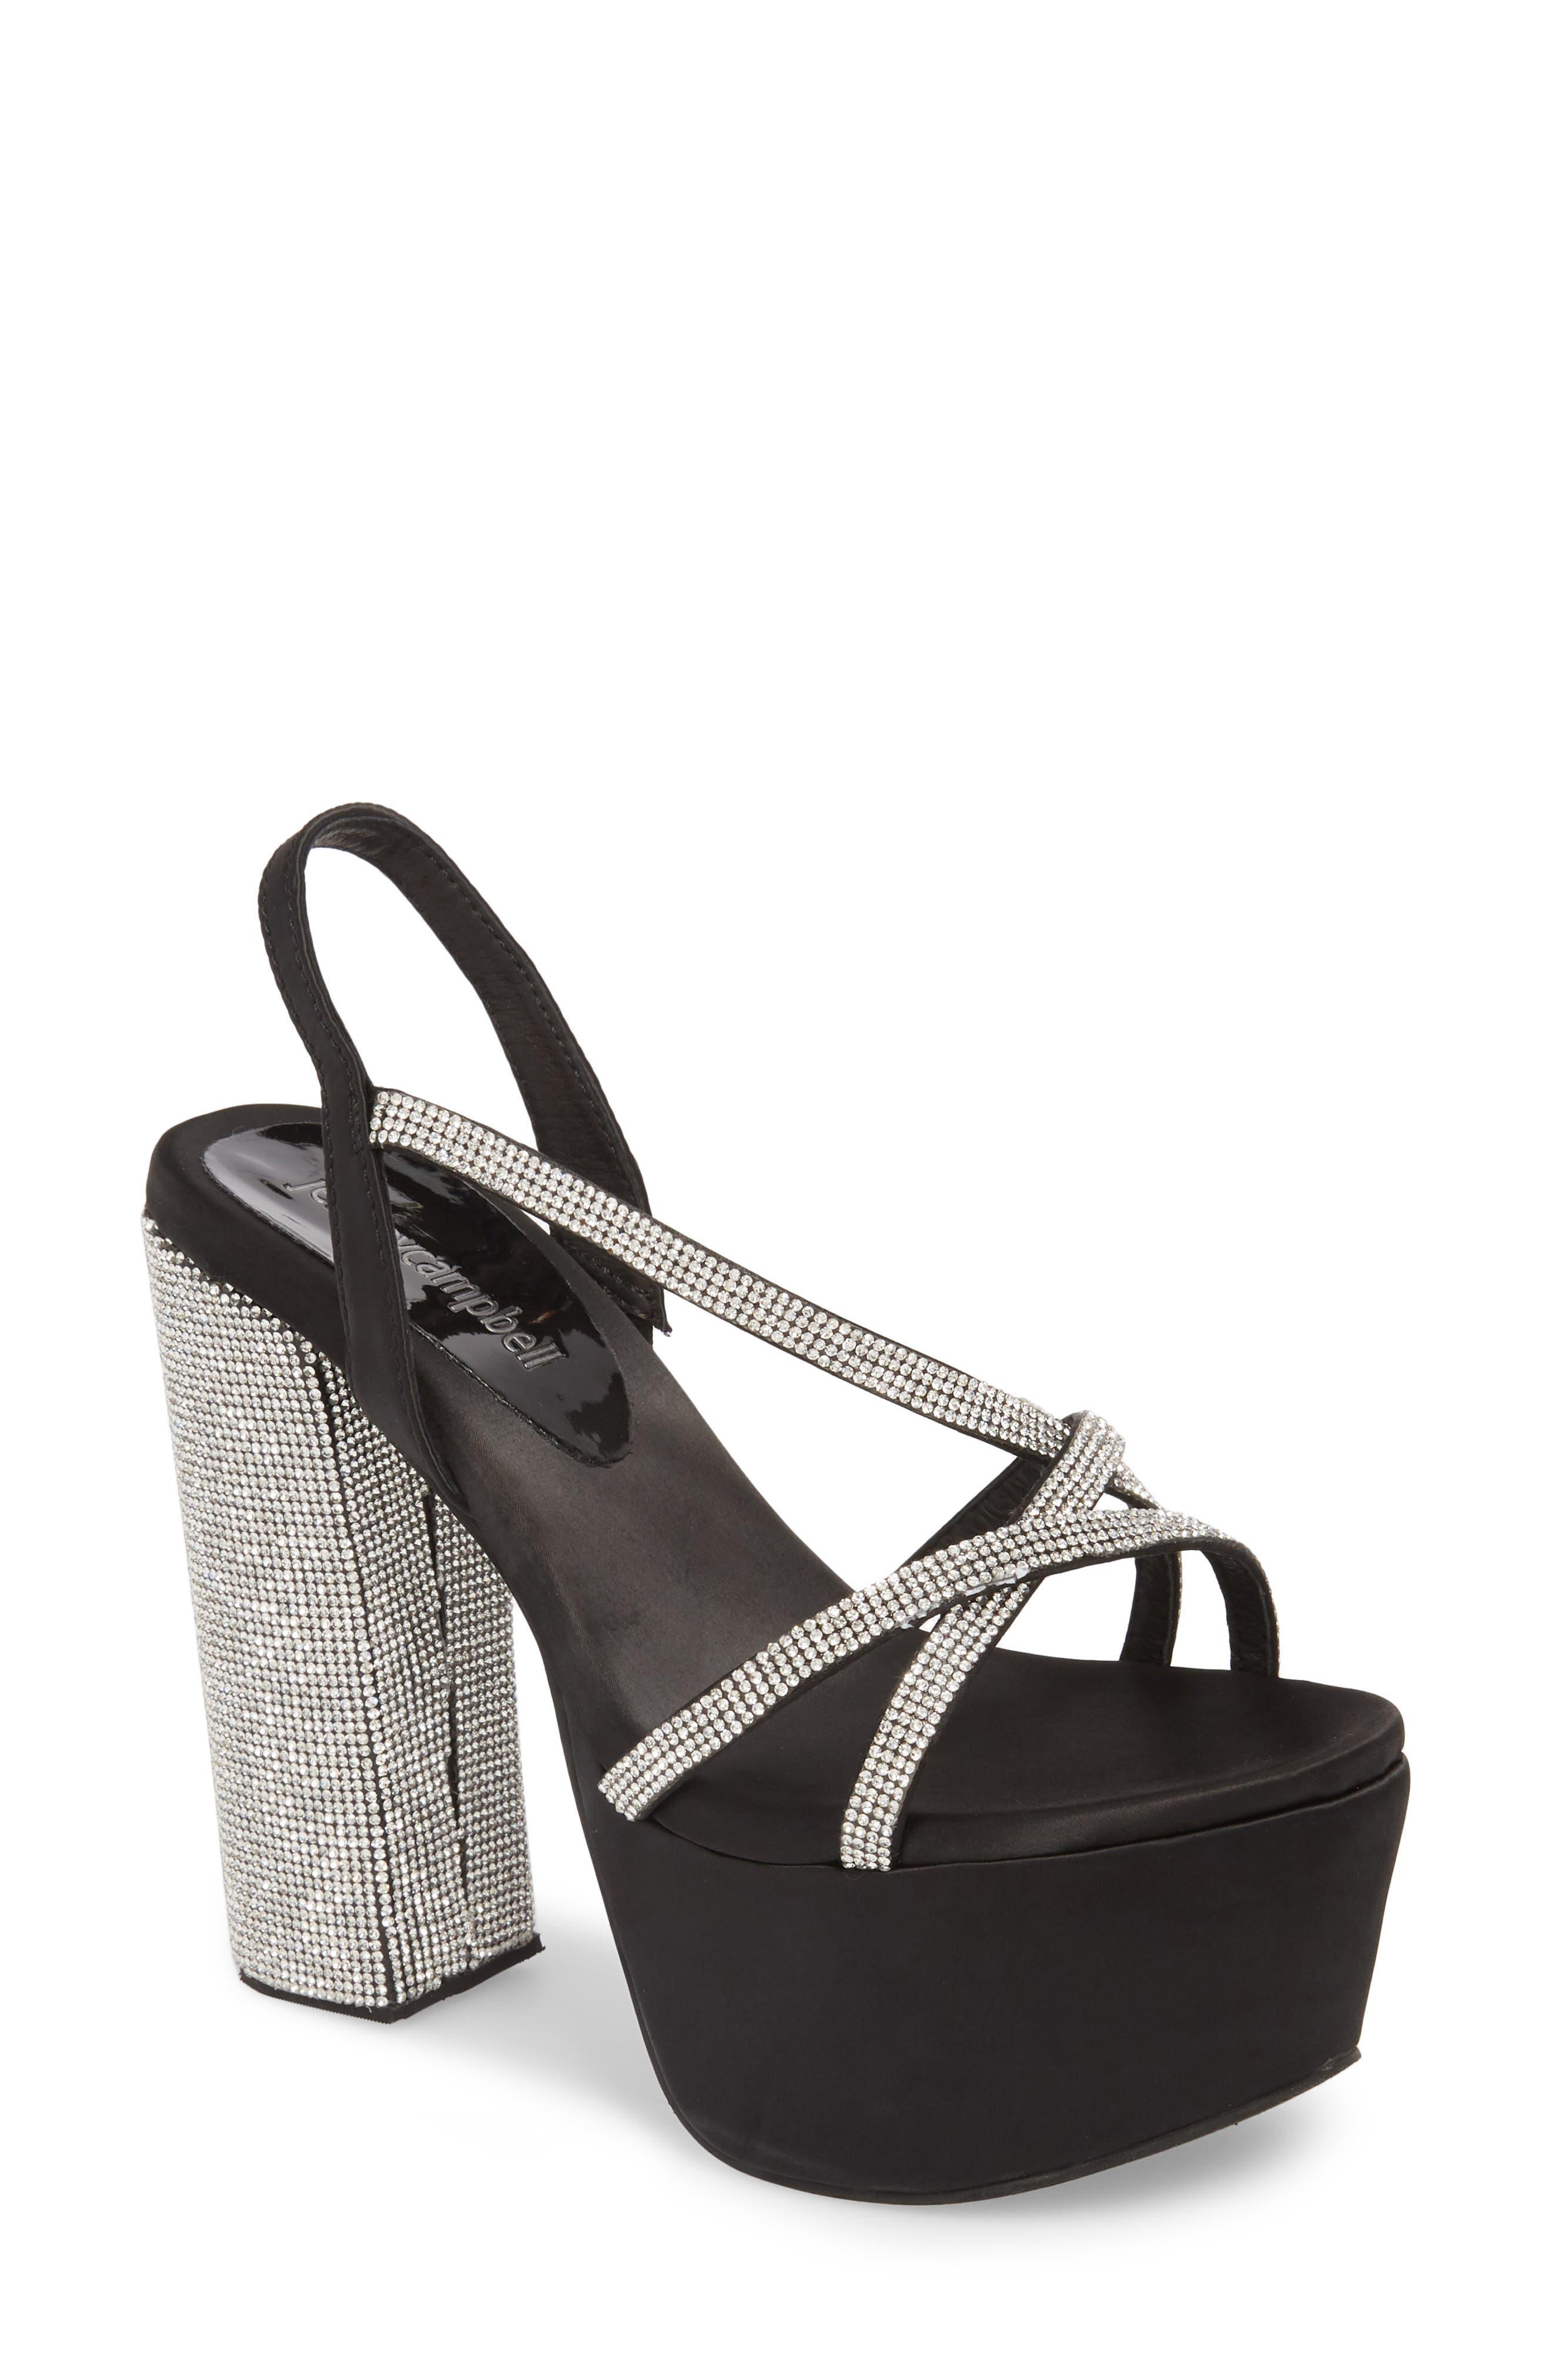 Upset Embellished Platform Sandal,                         Main,                         color, Black Satin/ Silver